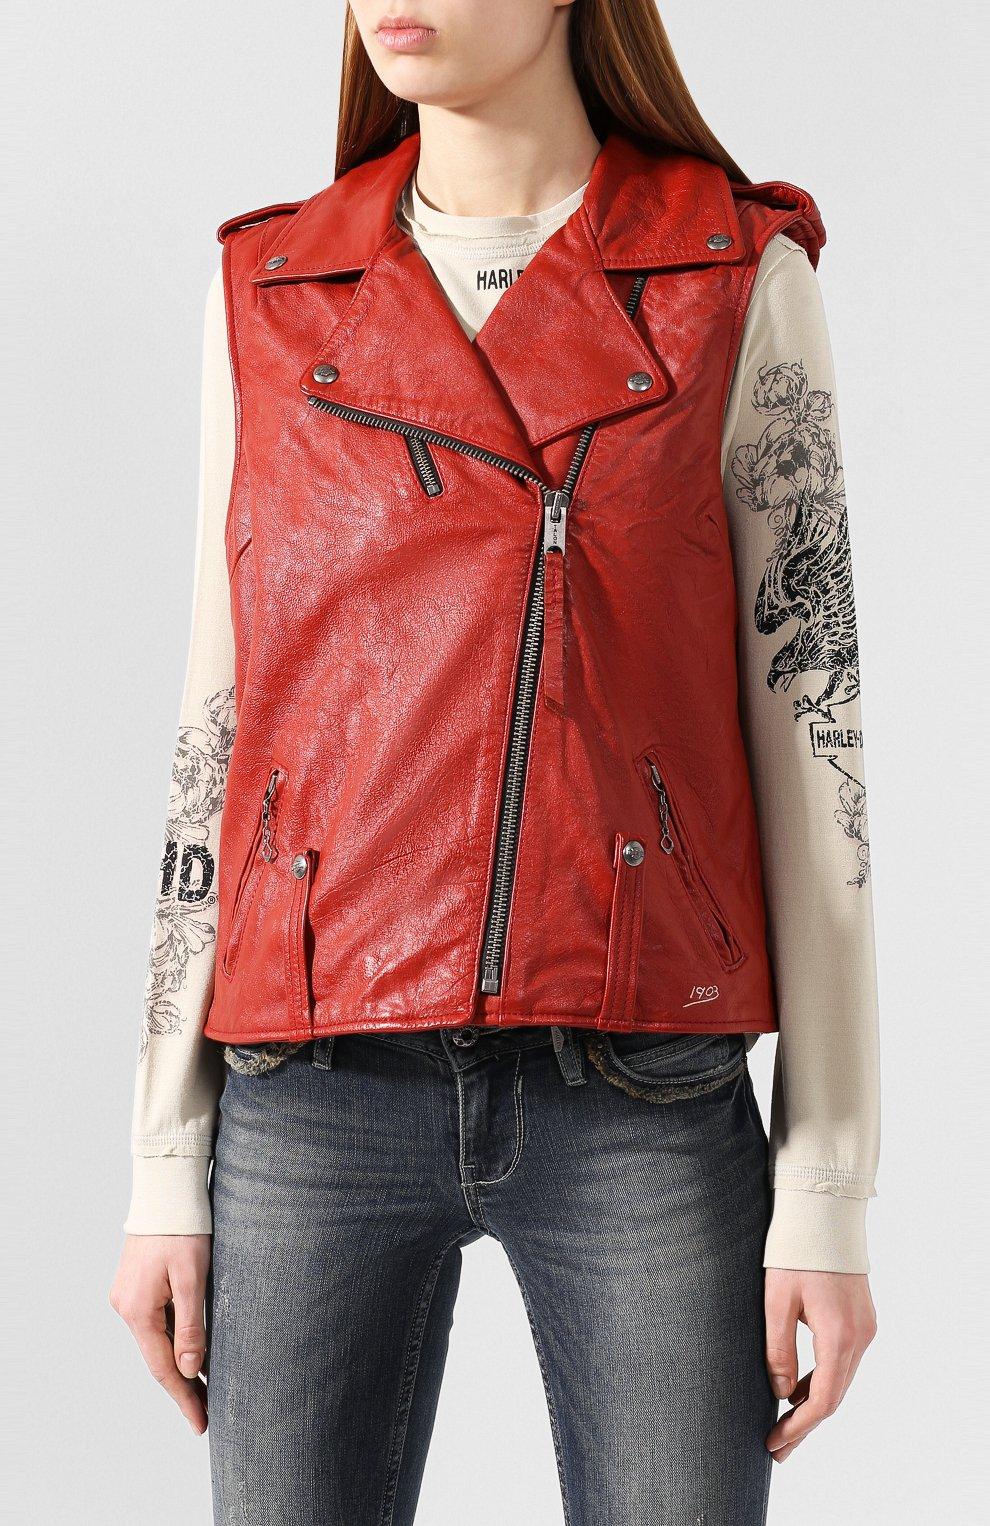 Женский кожаный жилет 1903 HARLEY-DAVIDSON красного цвета, арт. 97049-19VW | Фото 3